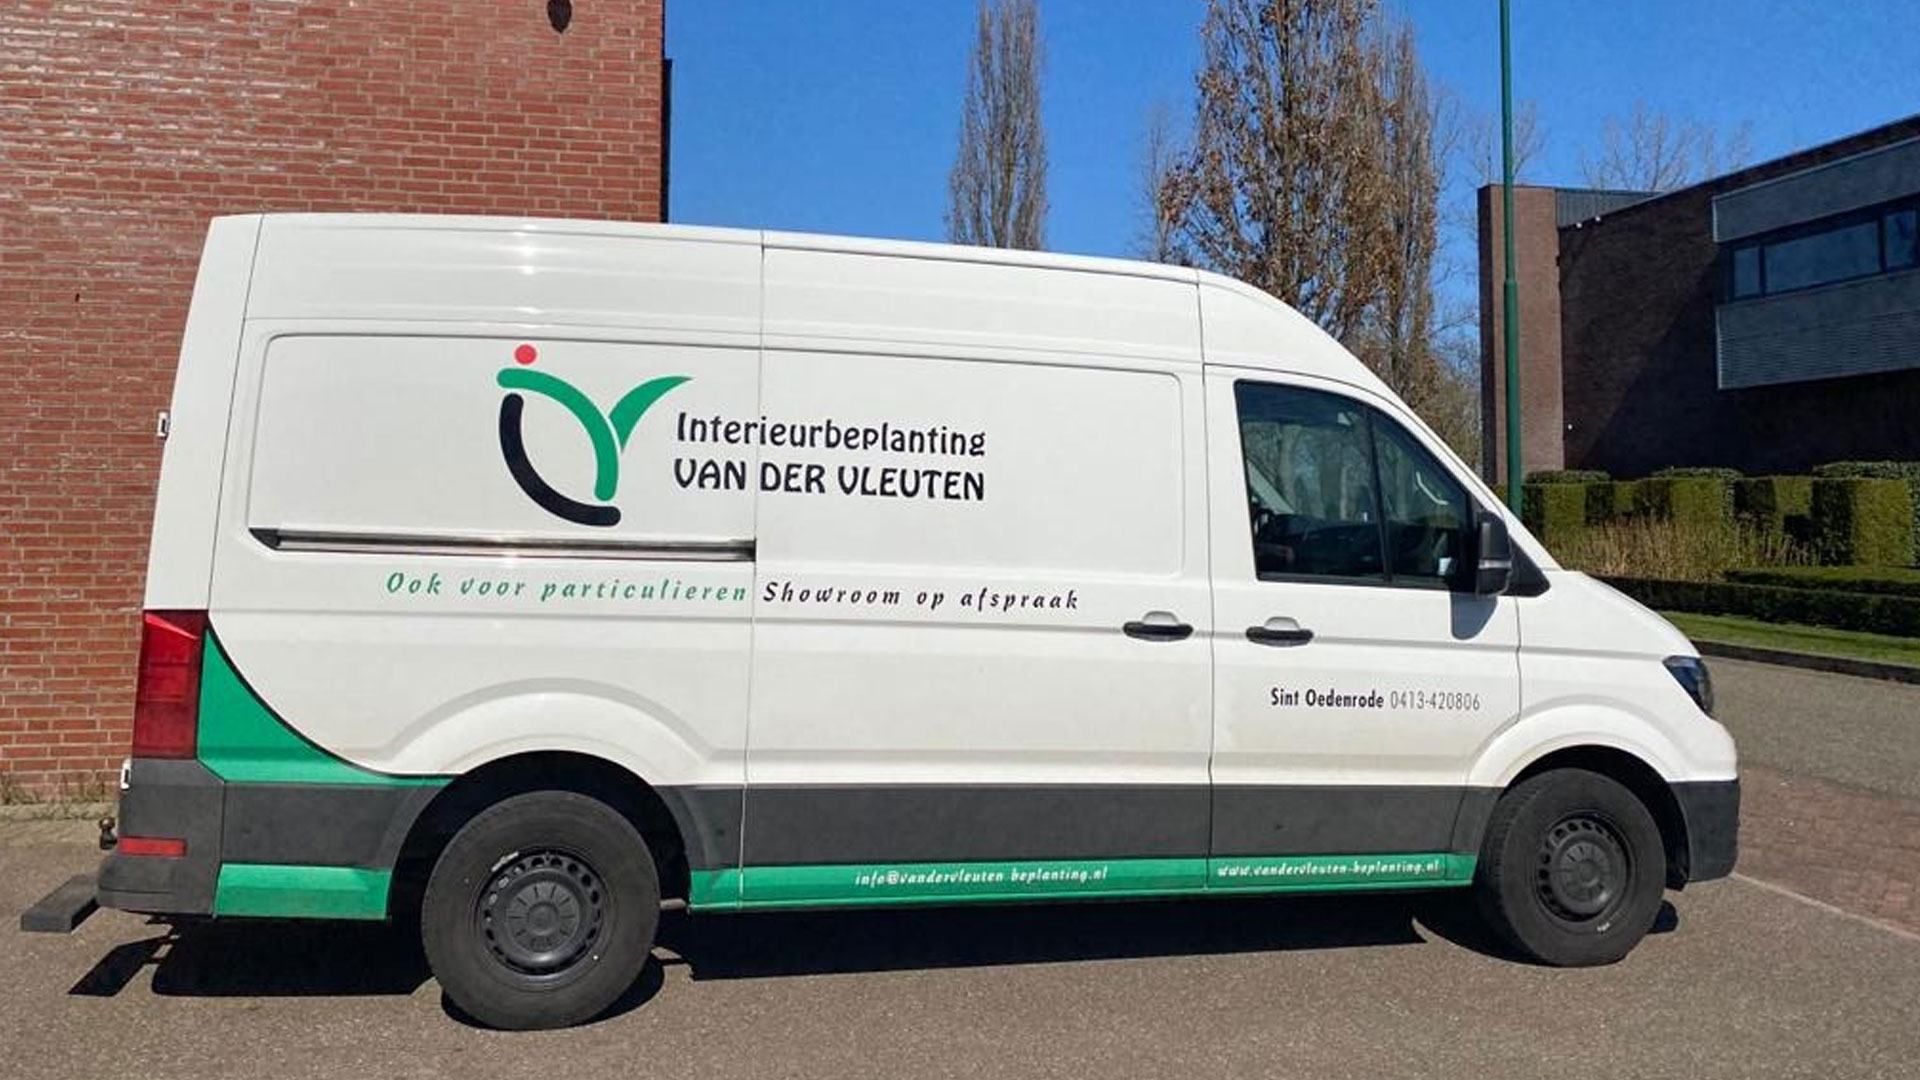 Bedrijfsbus van der Vleuten-onderhoud